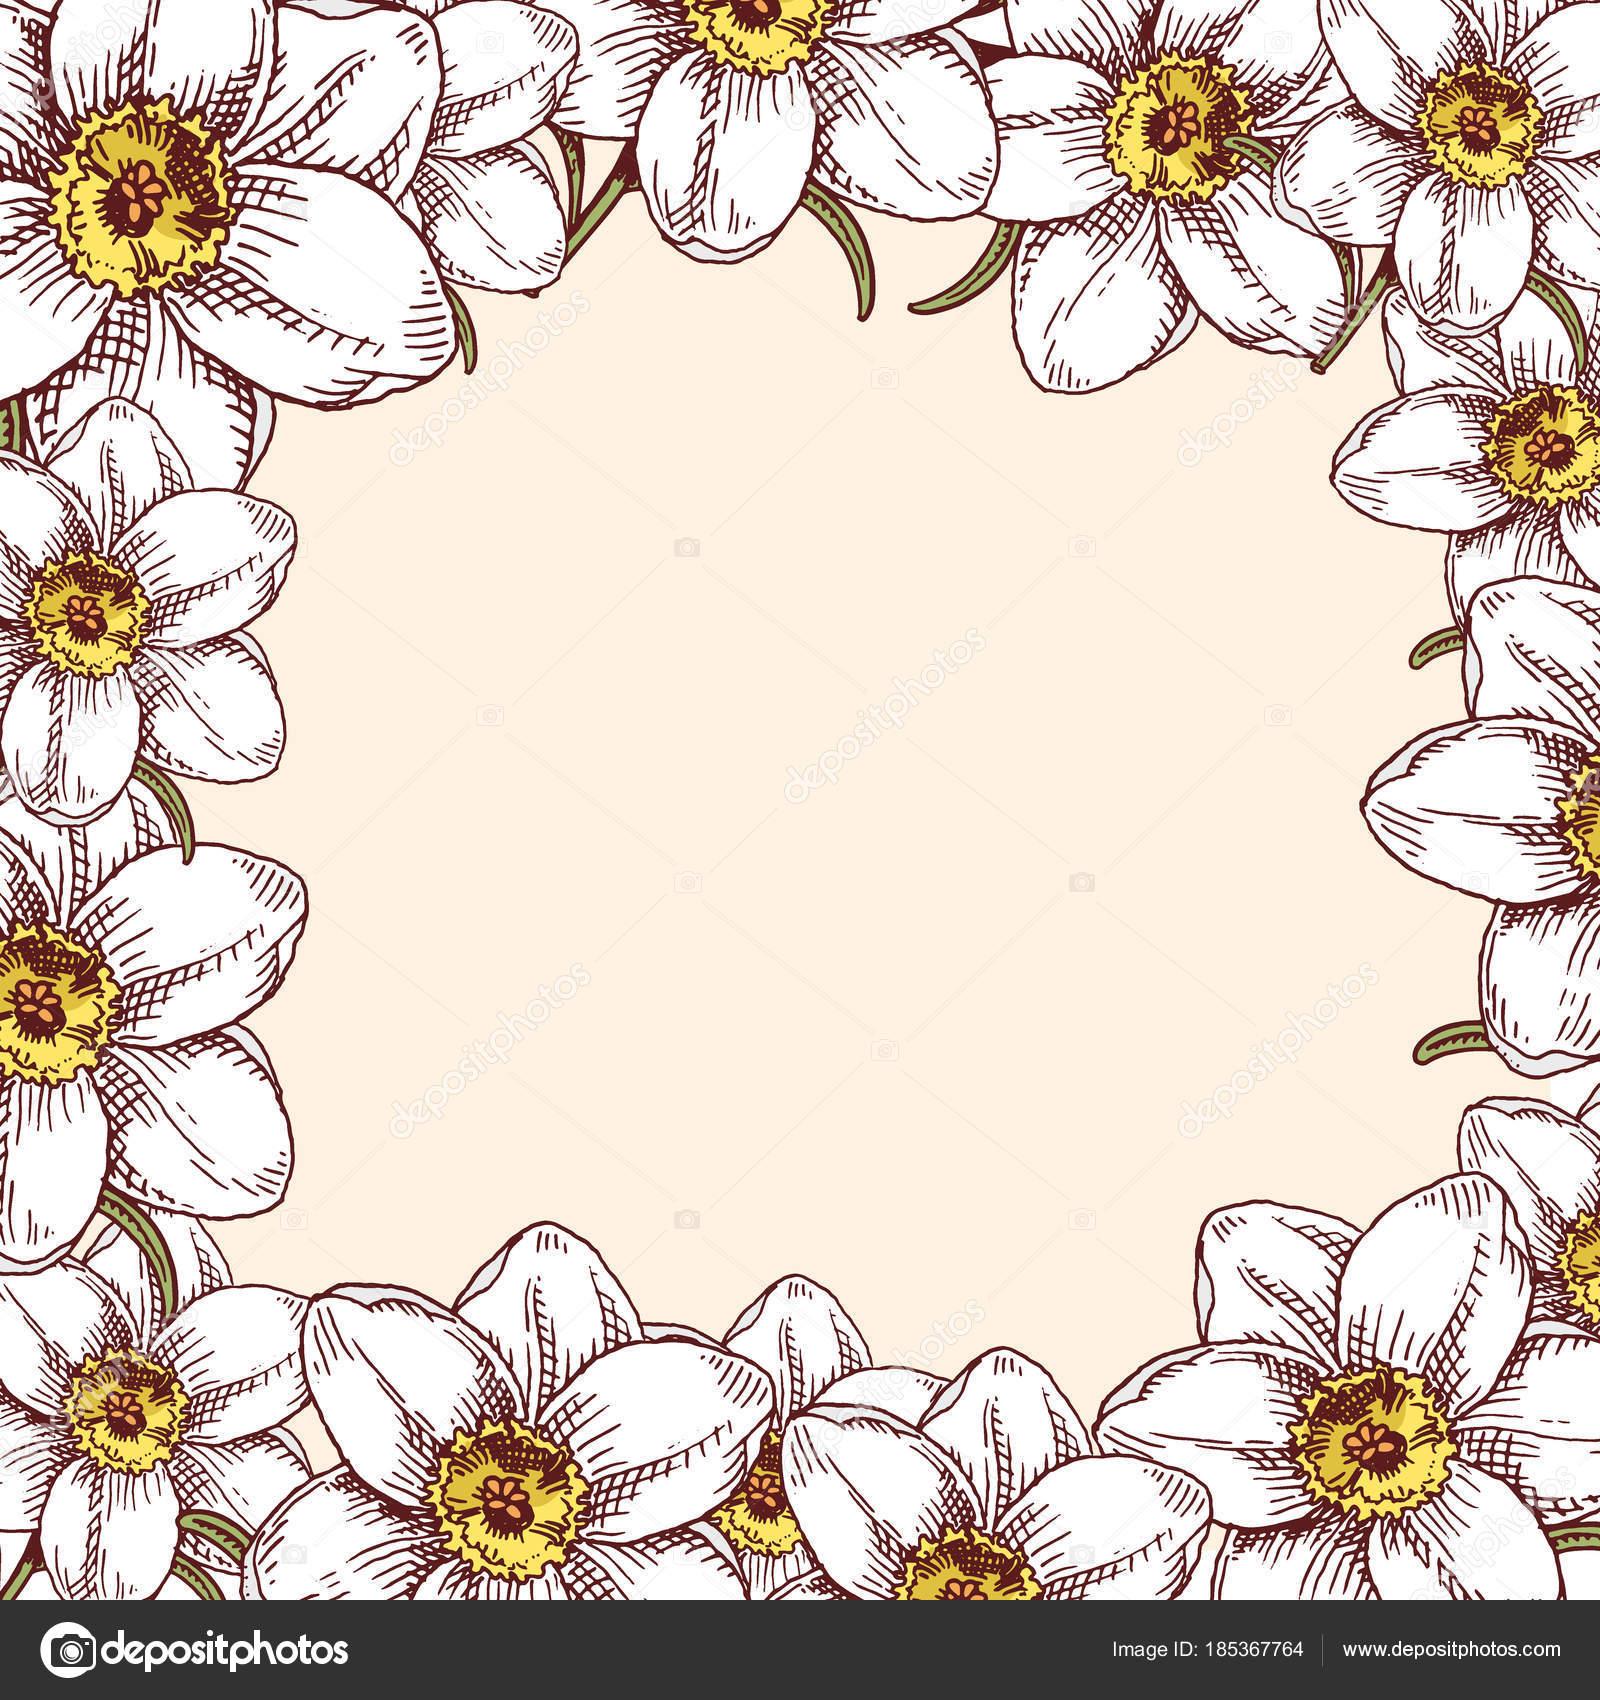 Blumenstrauss Vintage Handgezeichneten Stil Blumen Knospe Hochzeit